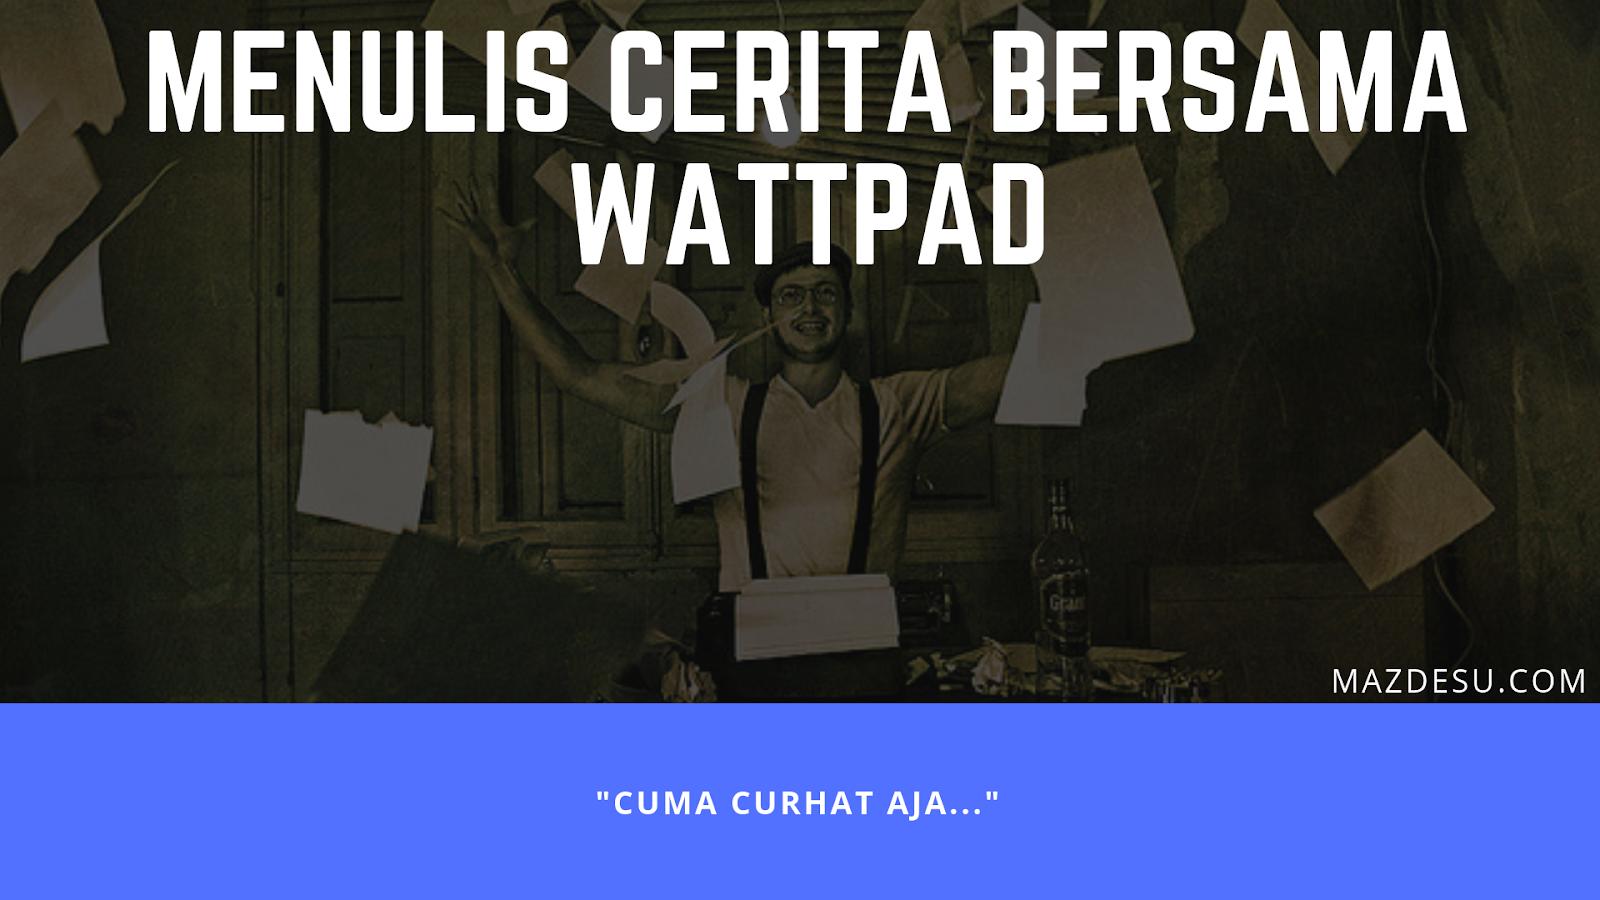 Menulis Cerita Bersama Sahabat Wattpad!